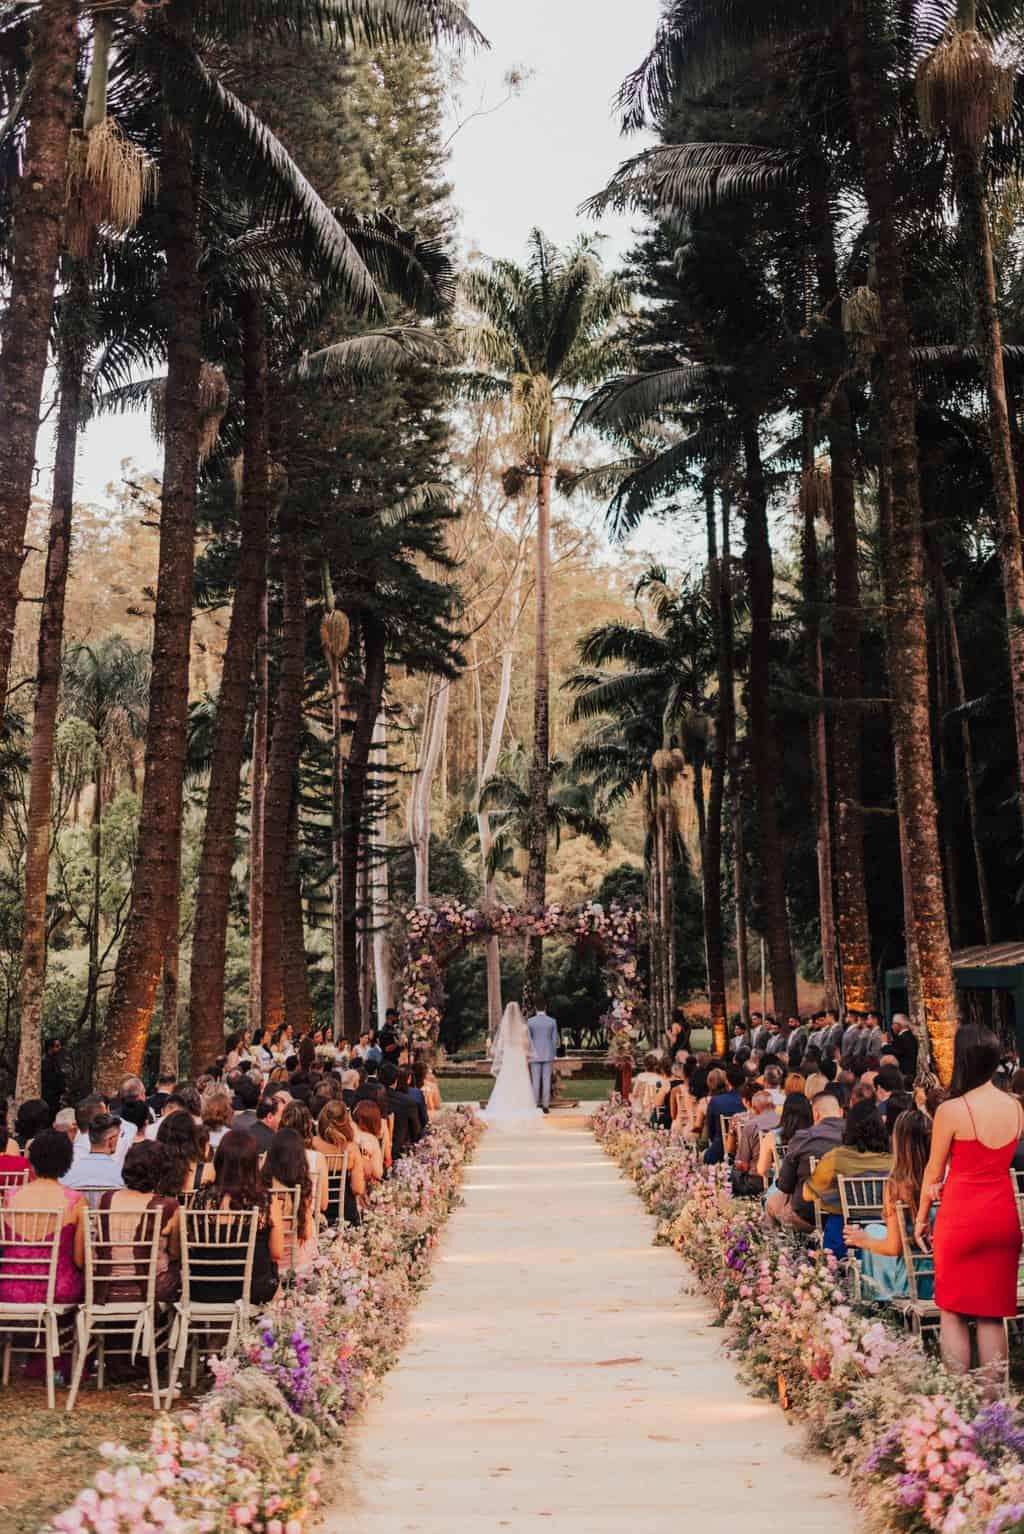 Boutique-de-Cena-casamento-Rebeca-e-Eldrey-cerimonia-Fazenda-Vila-Rica-Fotografia-Mana-Gollo-Toda-de-Branco65